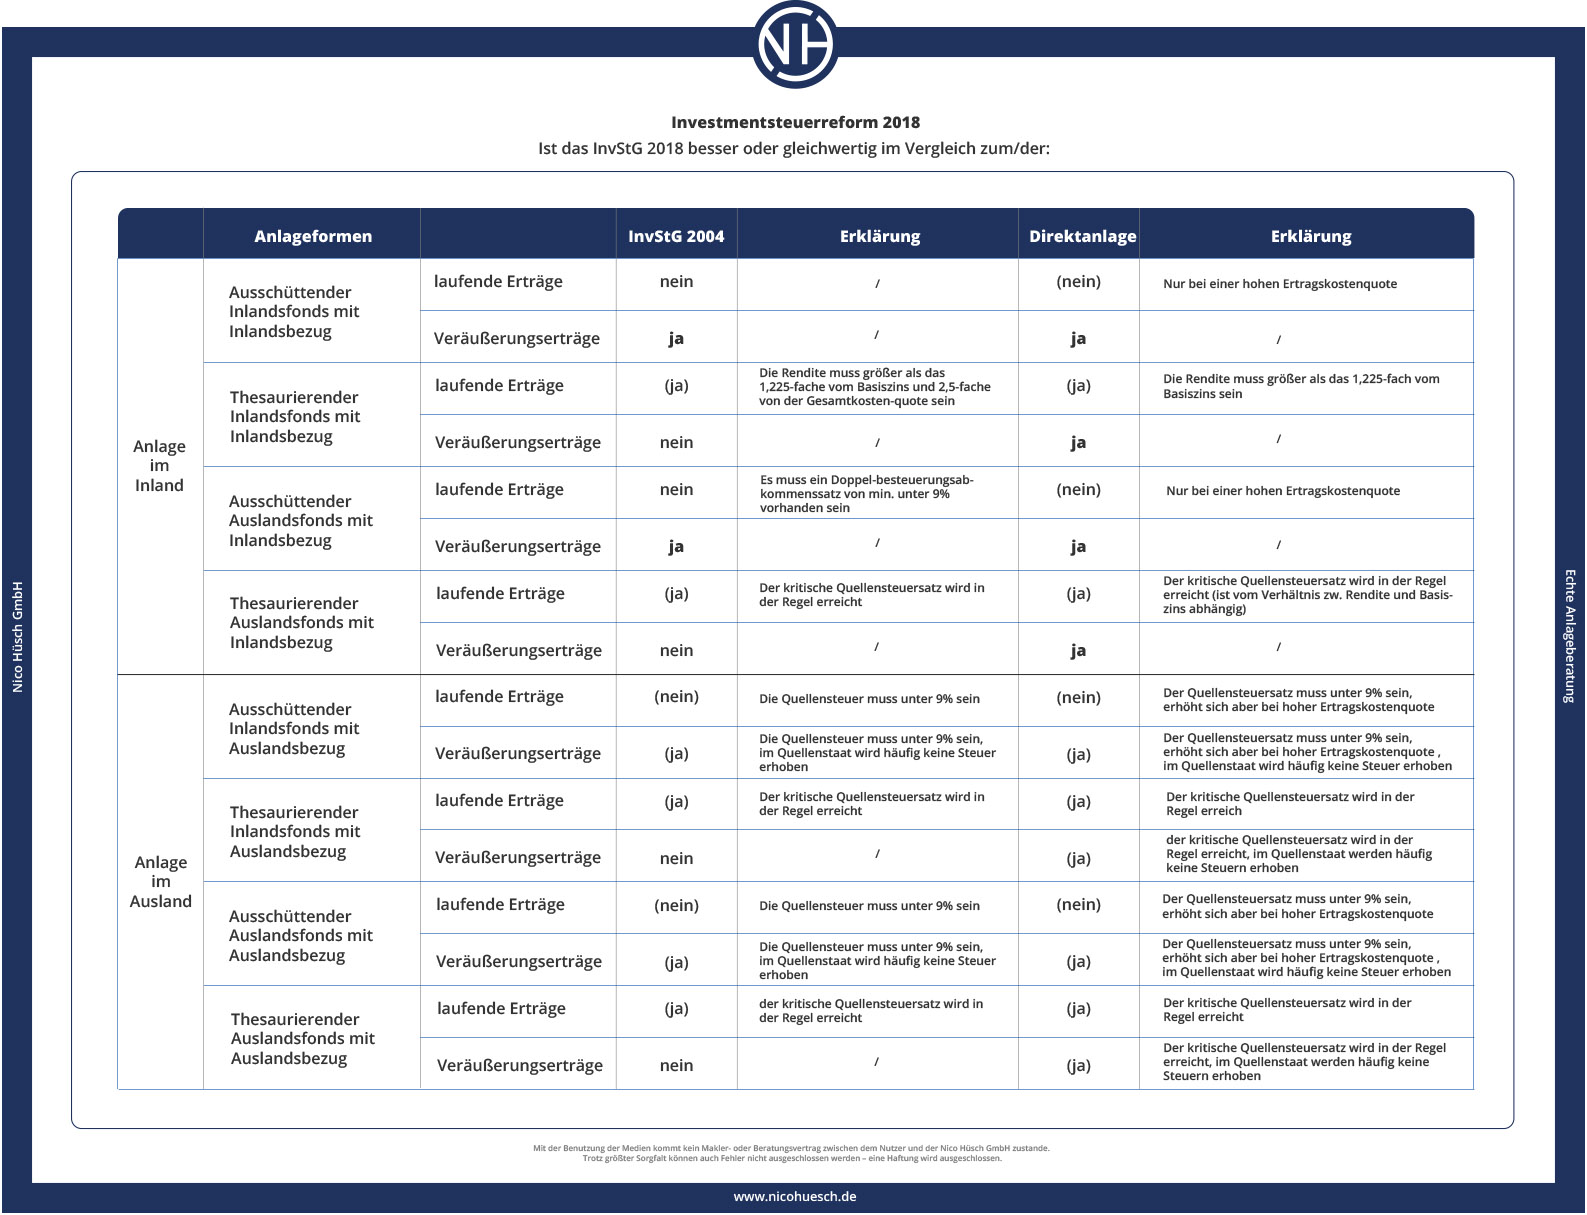 Tabelle 3: Vergleich altes InvStG mit neuem InvStG bezogen auf Aktienfonds (in Anl. An Markus Kühn – InvSteuerreform 2018 (2019), S. 181)